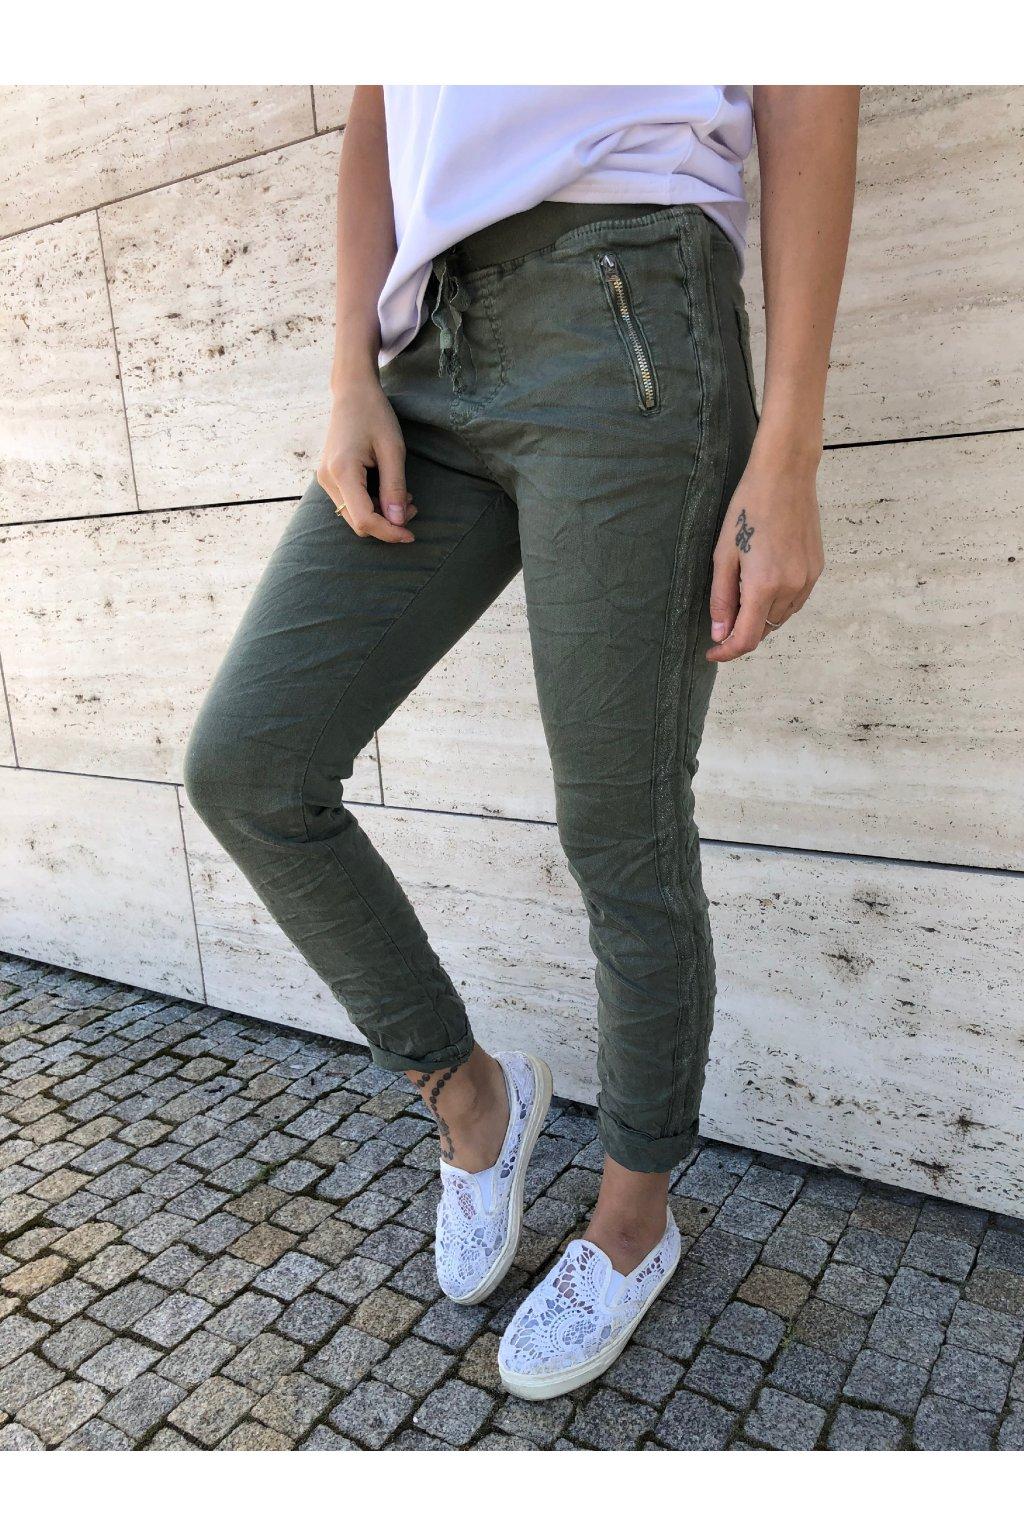 damske kalhoty super khaki eshopat cz 1